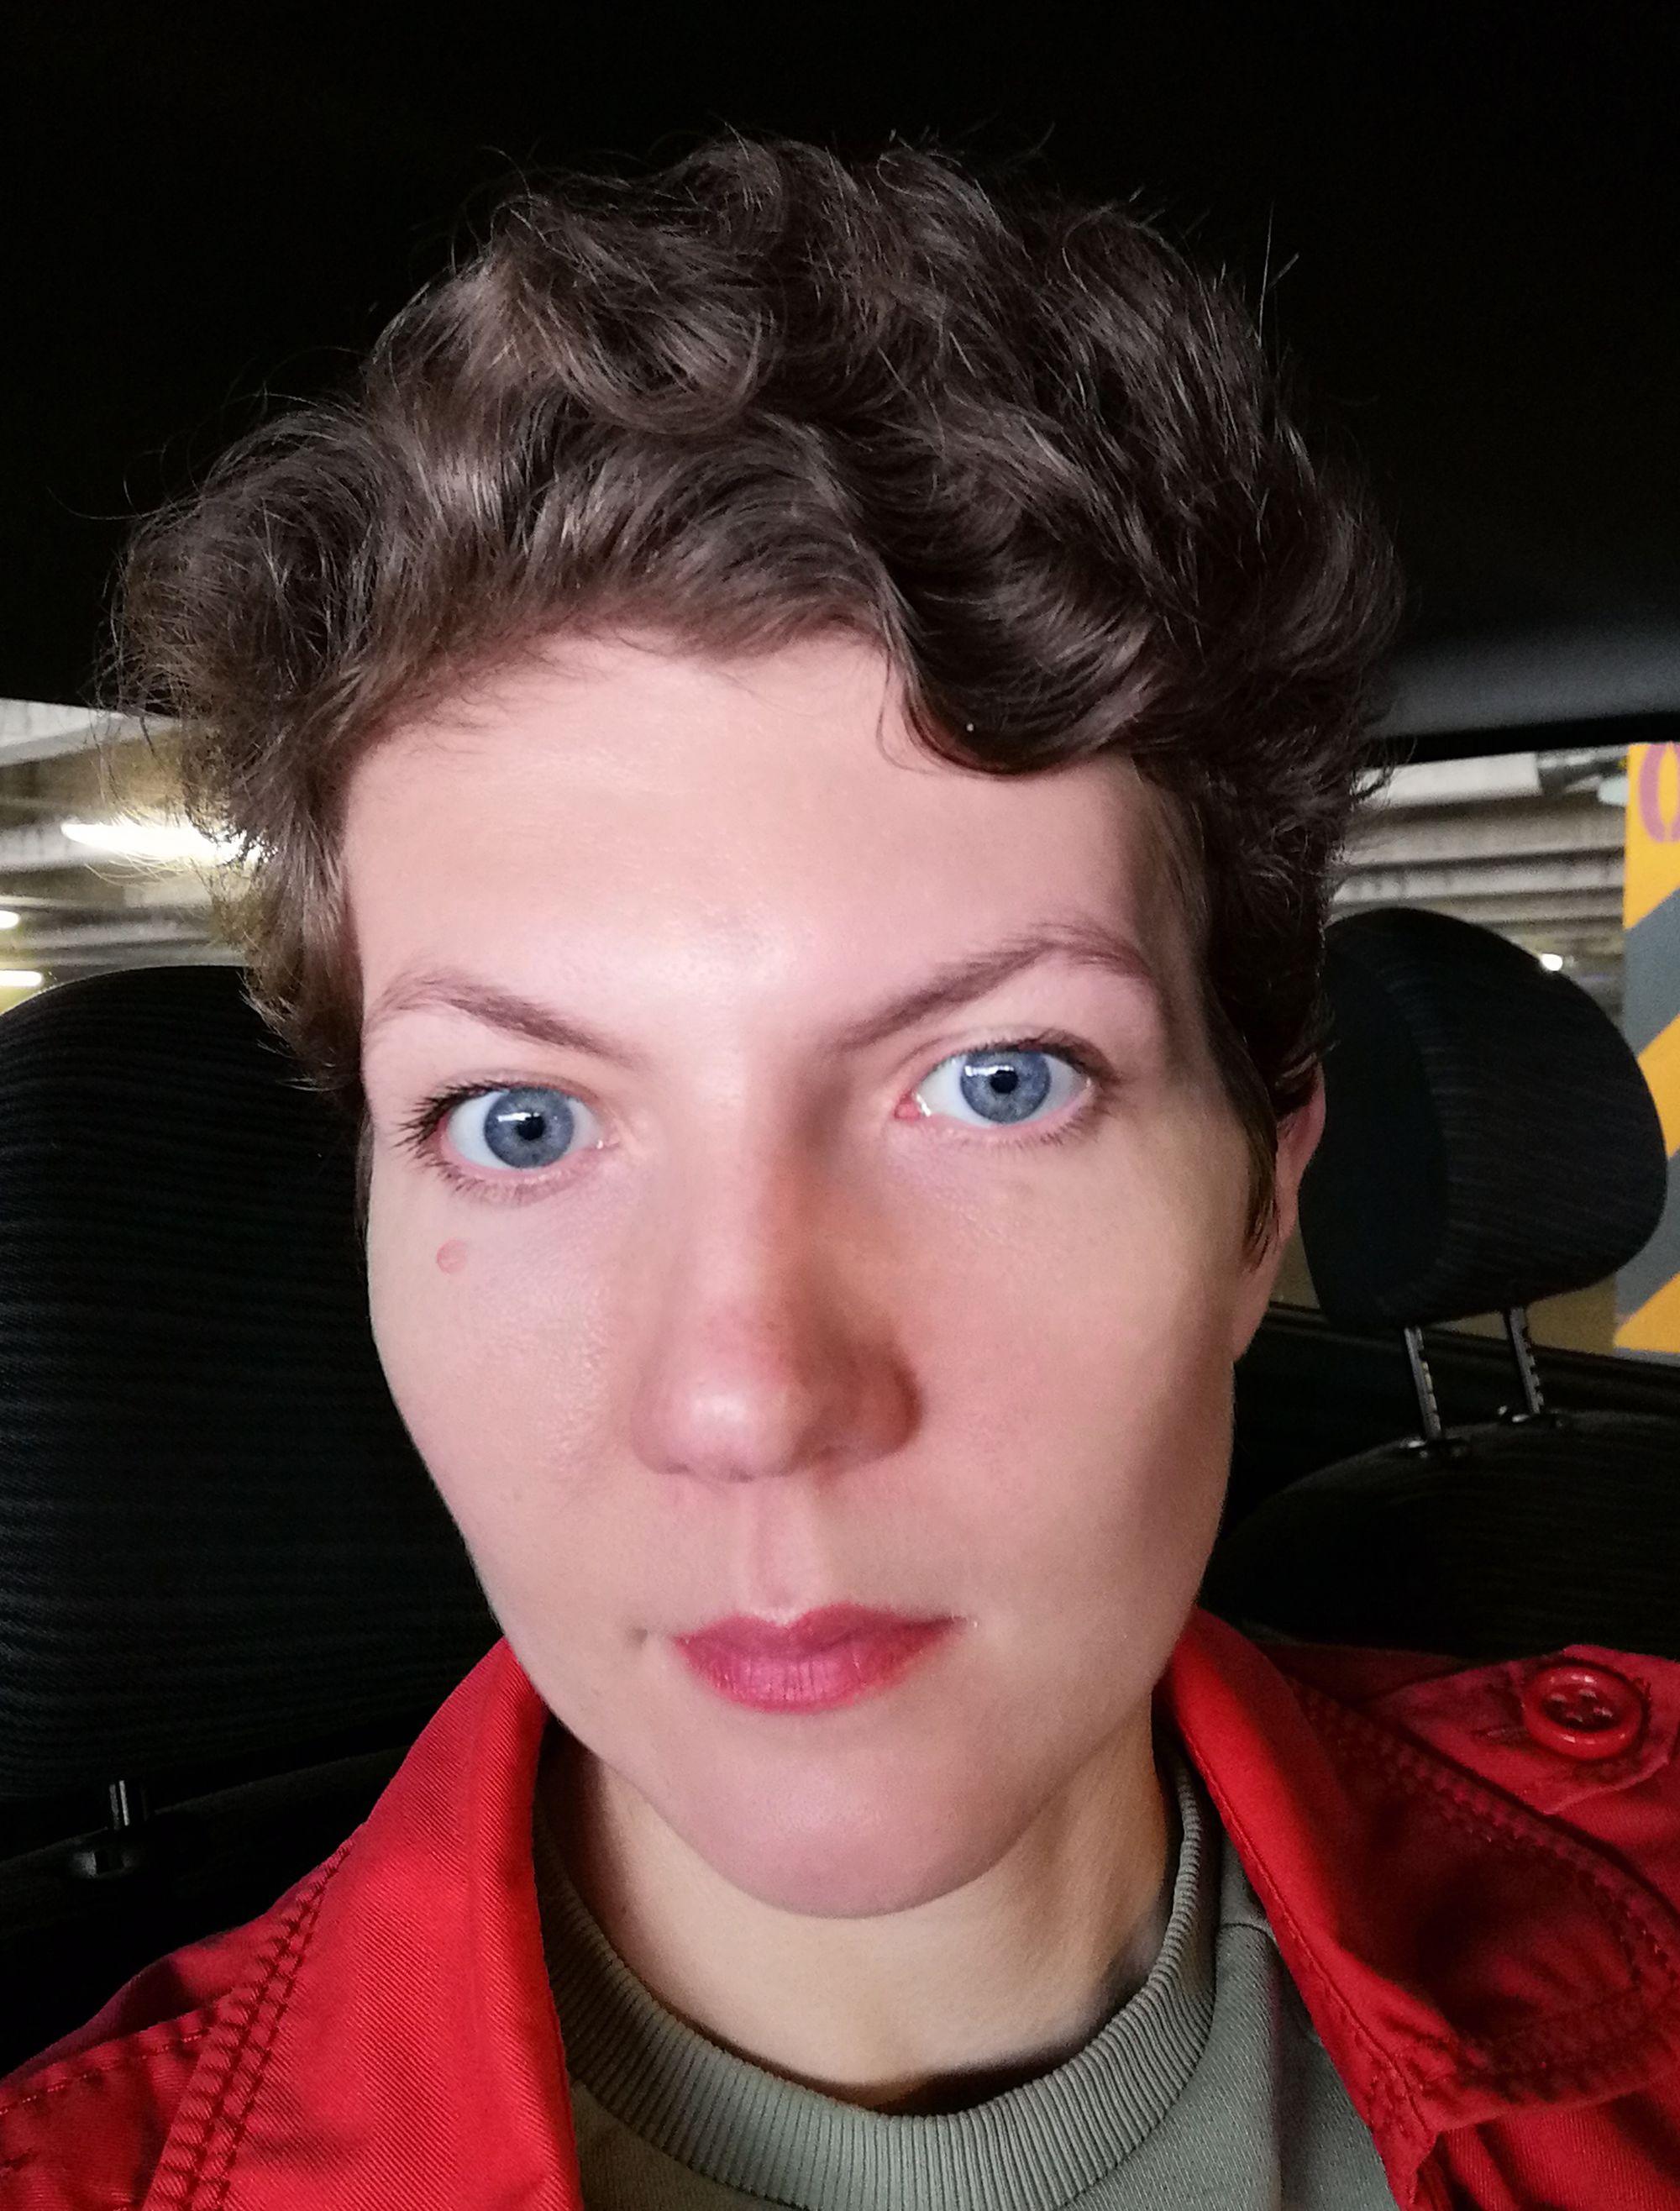 Вопрос стилисту: Кудри и суровое лицо